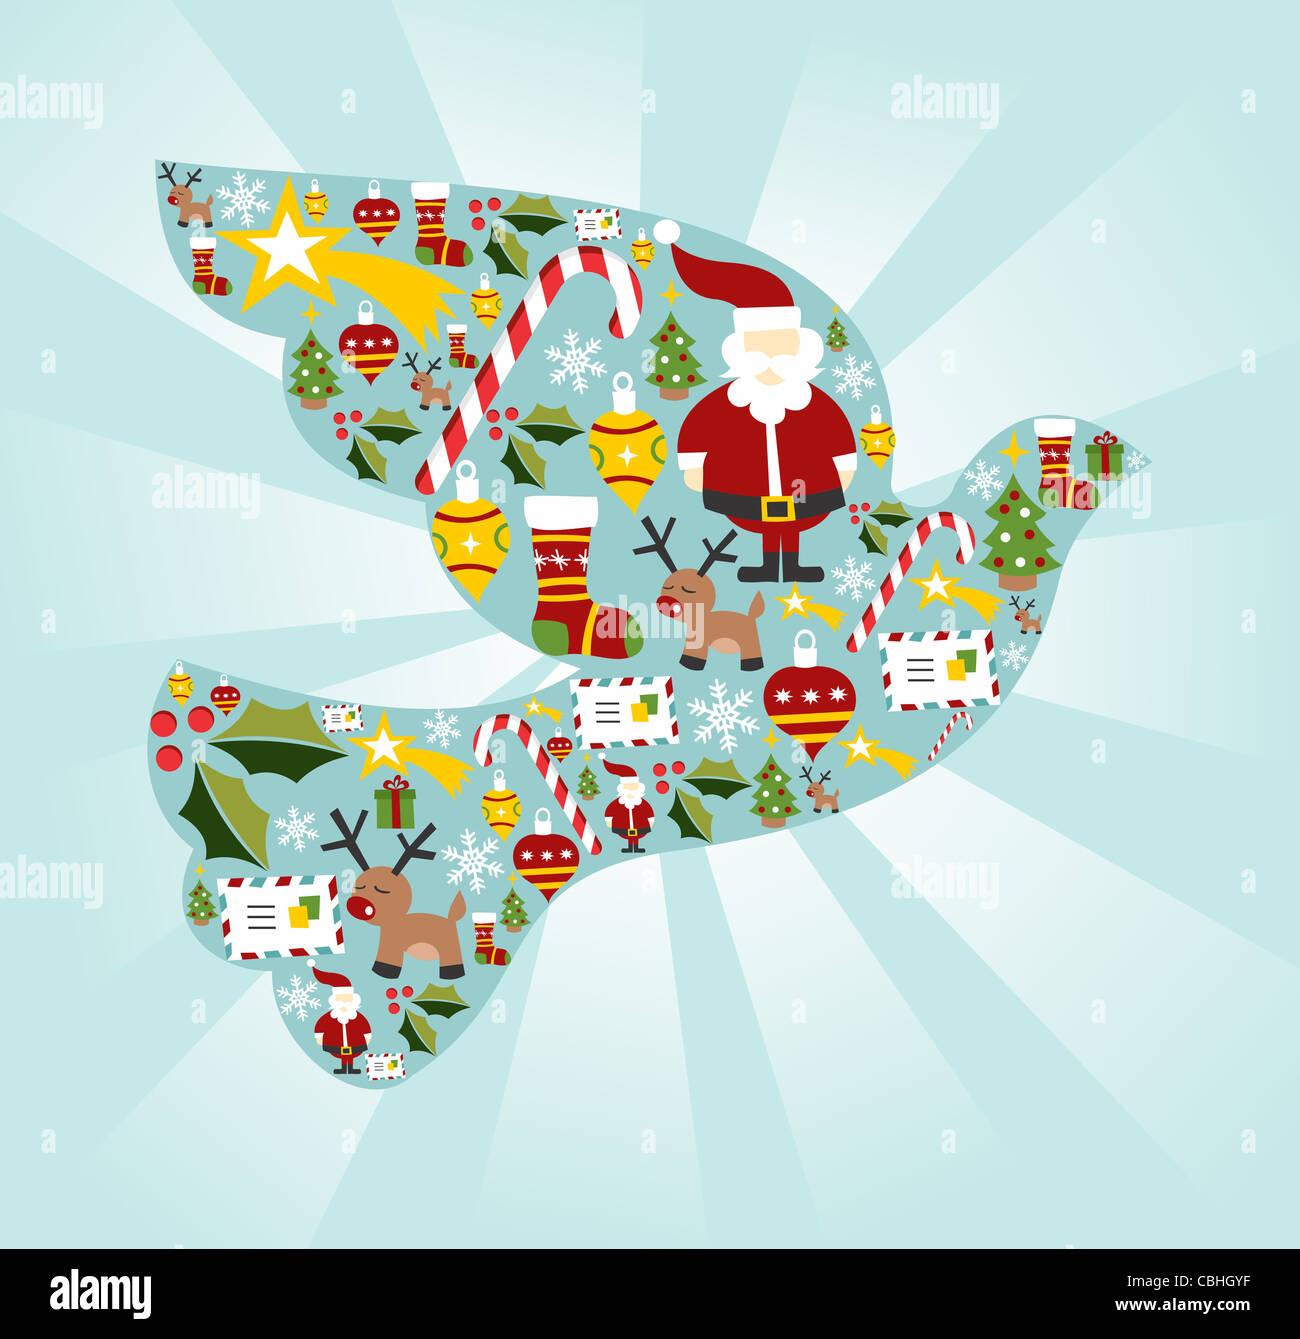 Icono de la Navidad en forma de paloma de la paz de fondo. Archivo vectorial disponible. Imagen De Stock